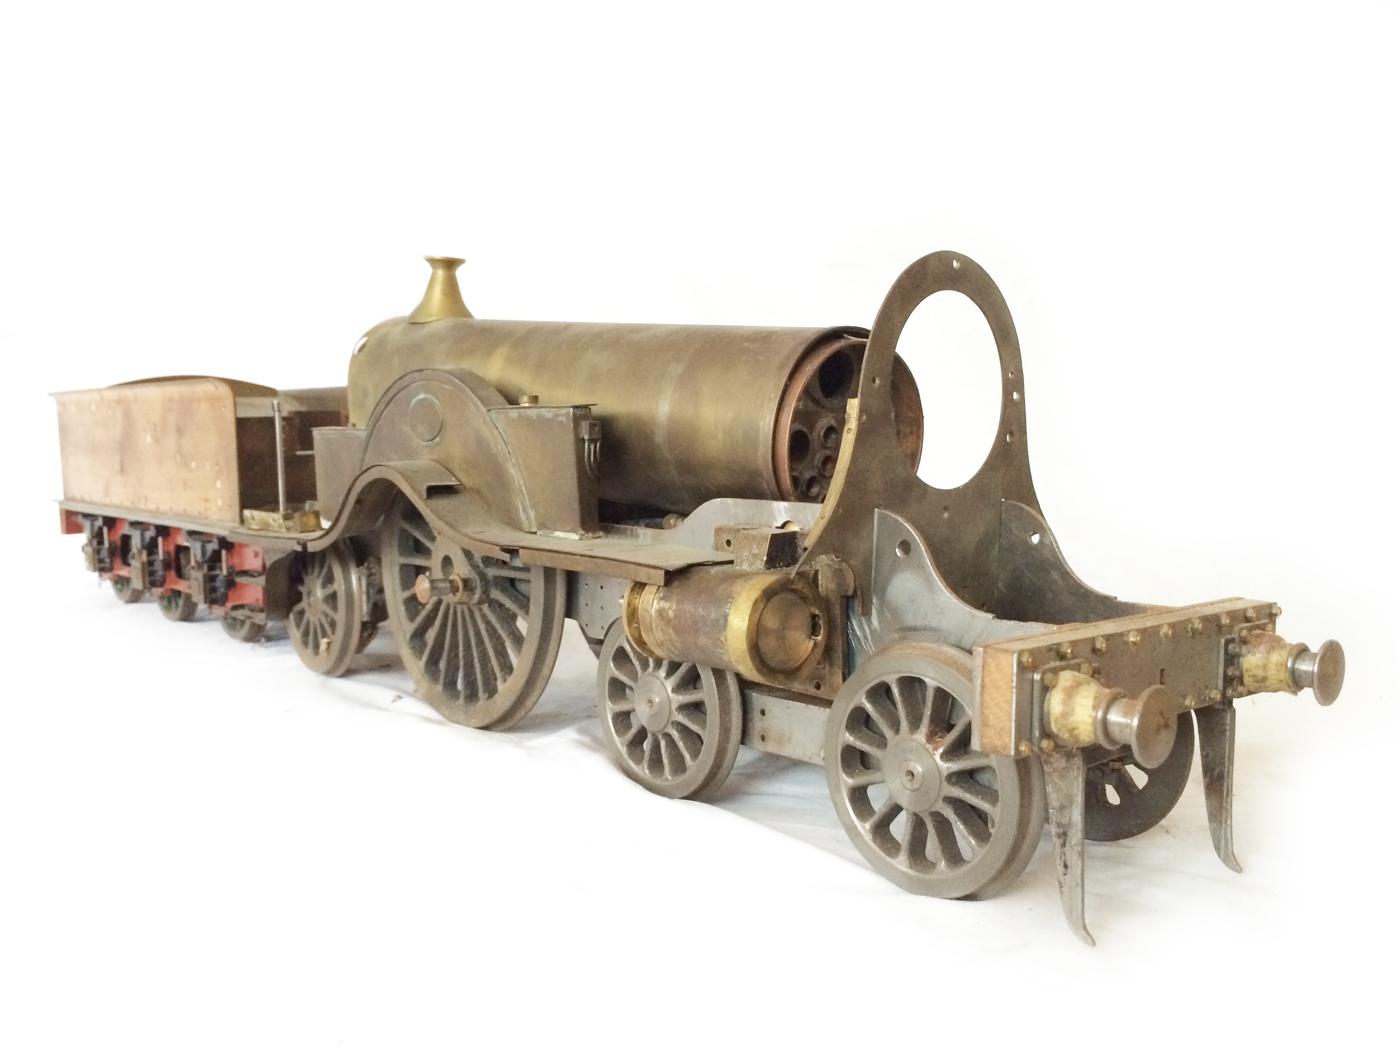 test 3 12 inch gauge stirling single live steam locomotive for sale 25